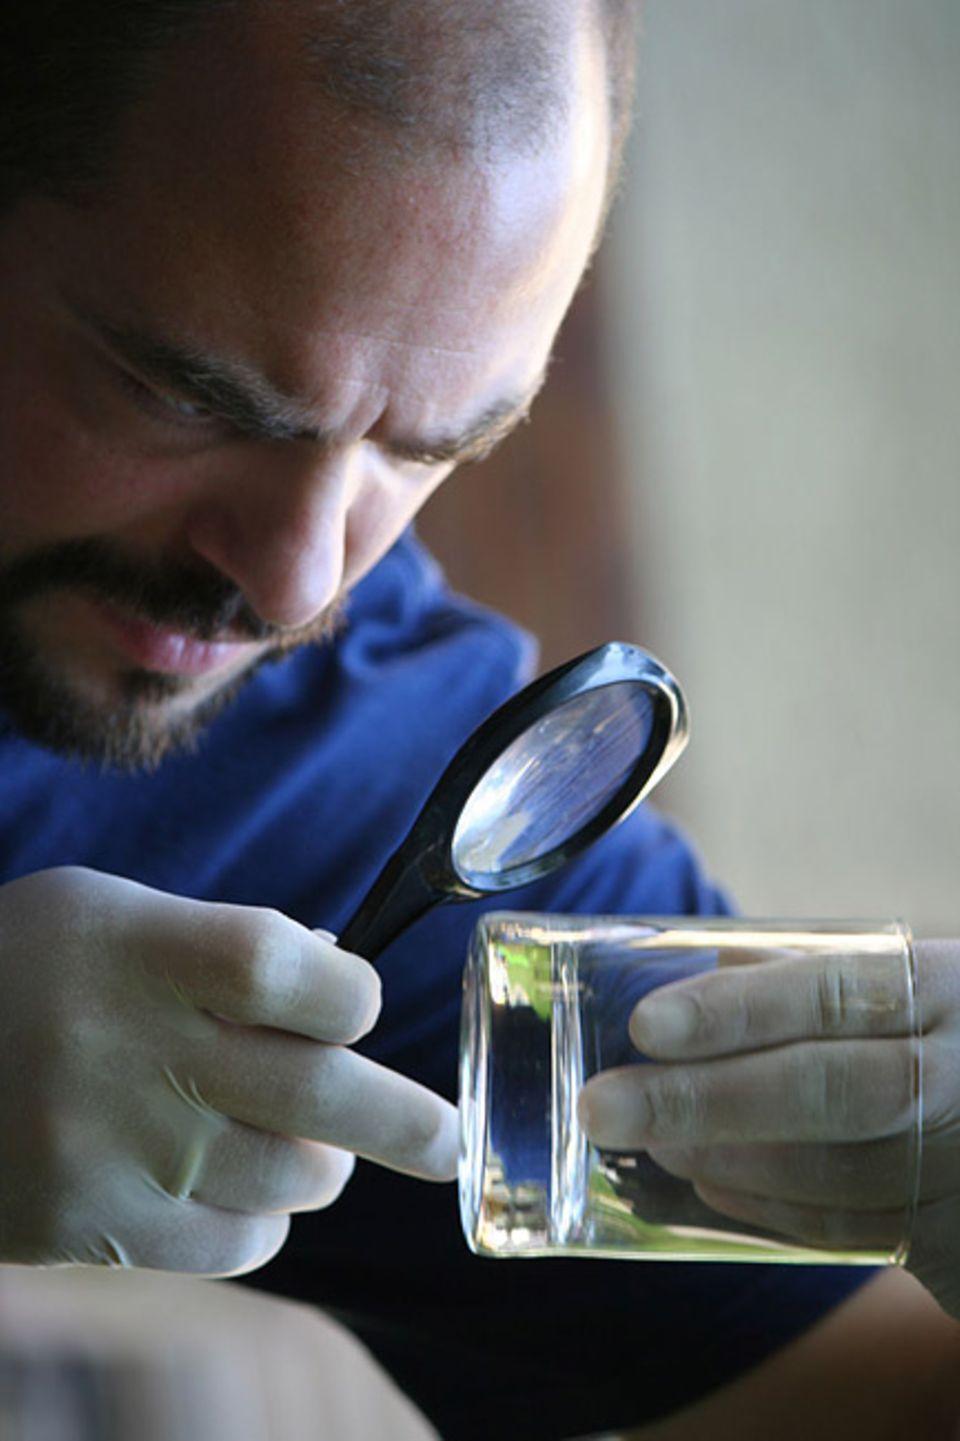 Beruf: Bevor man Fingerabrücke sichern kann, muss man sich den Spurenträger genau anschauen